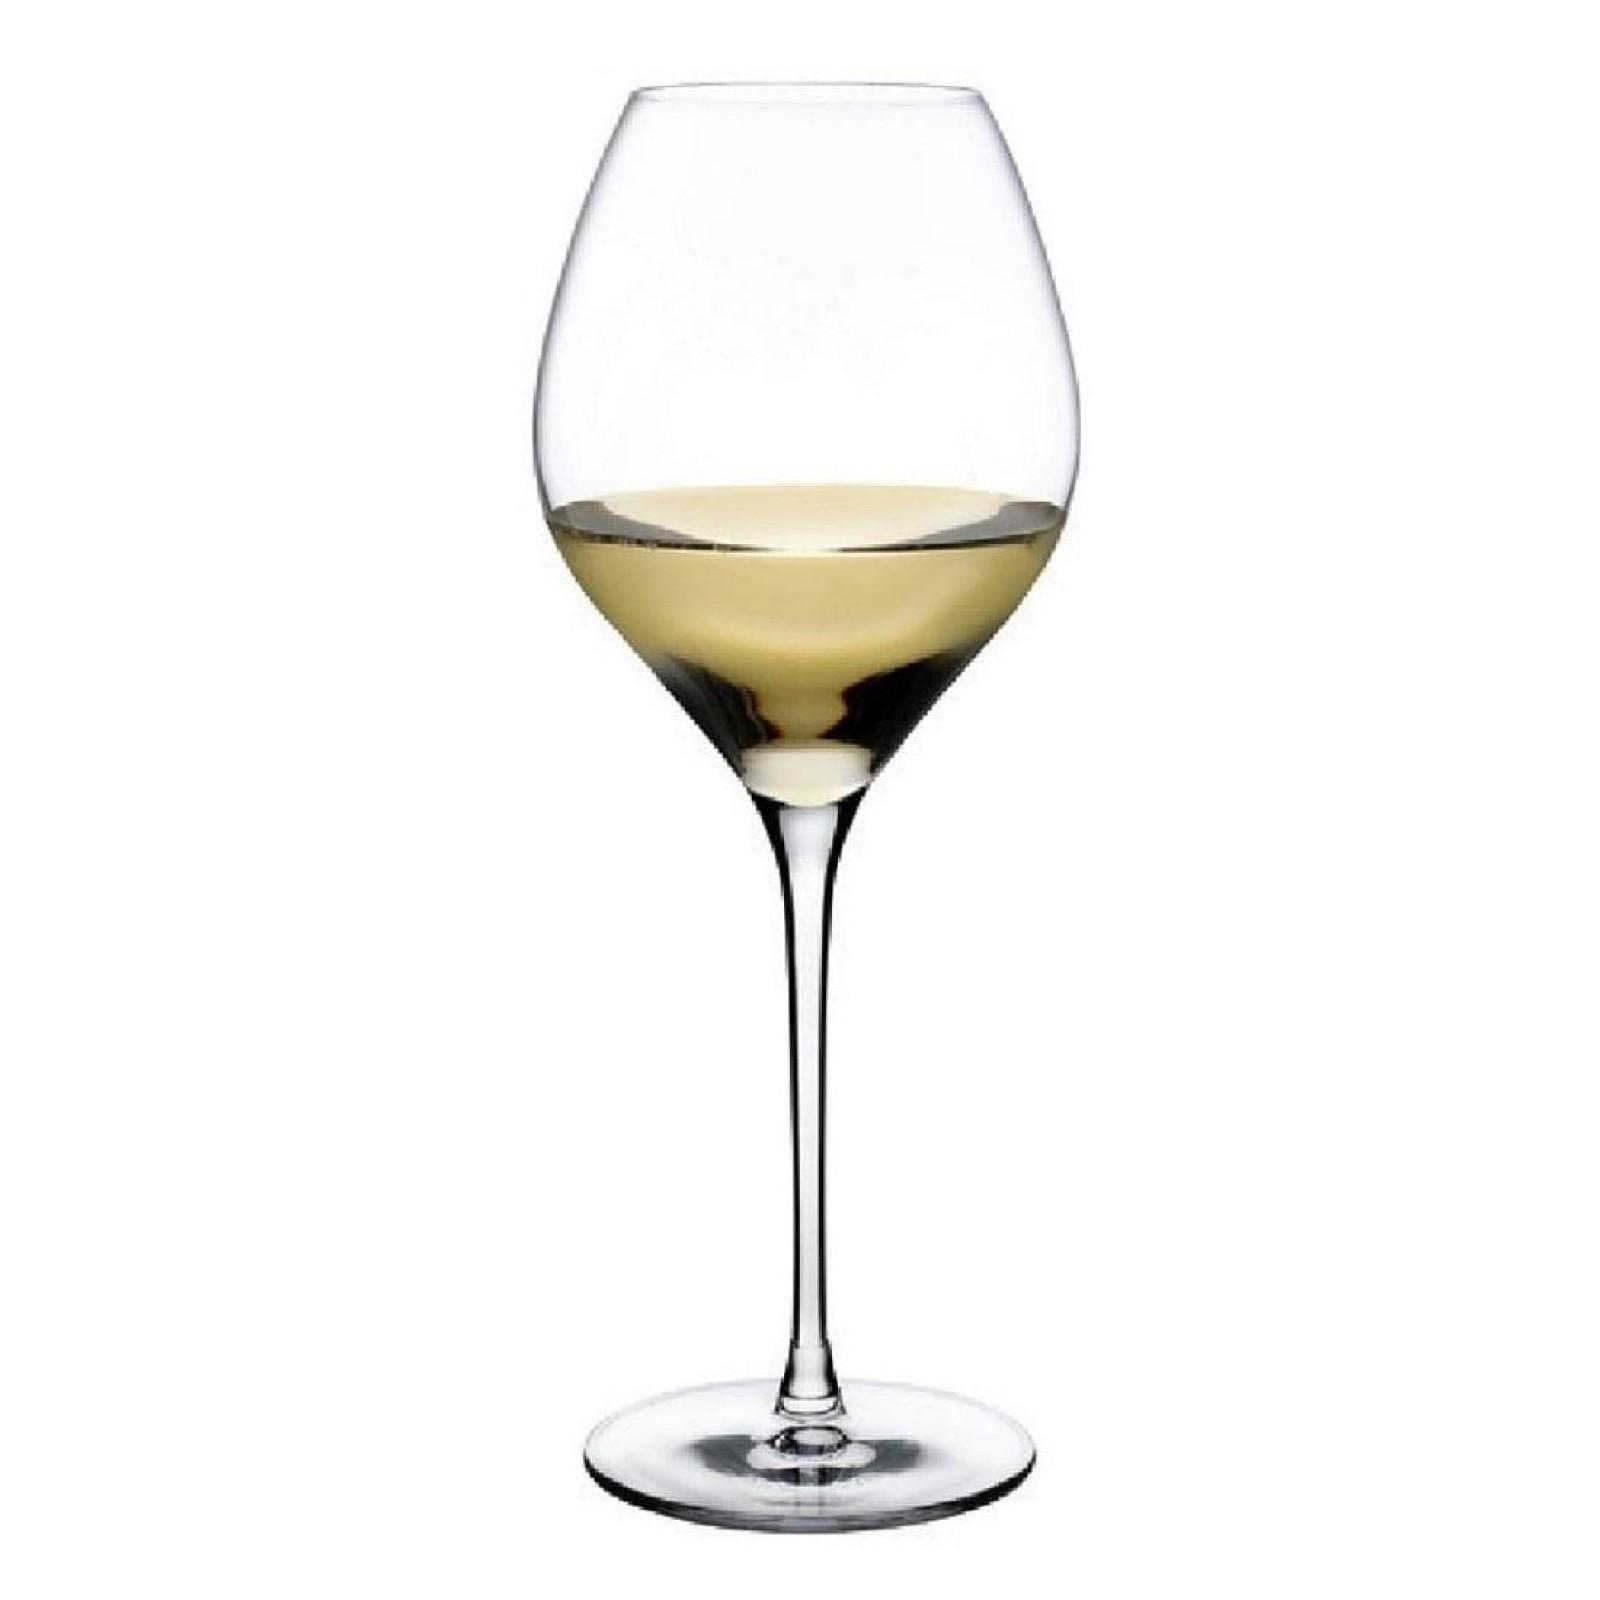 Ποτήρια Κρασιού Fantasy 770 ml (Σετ των 4) - Nude Glass